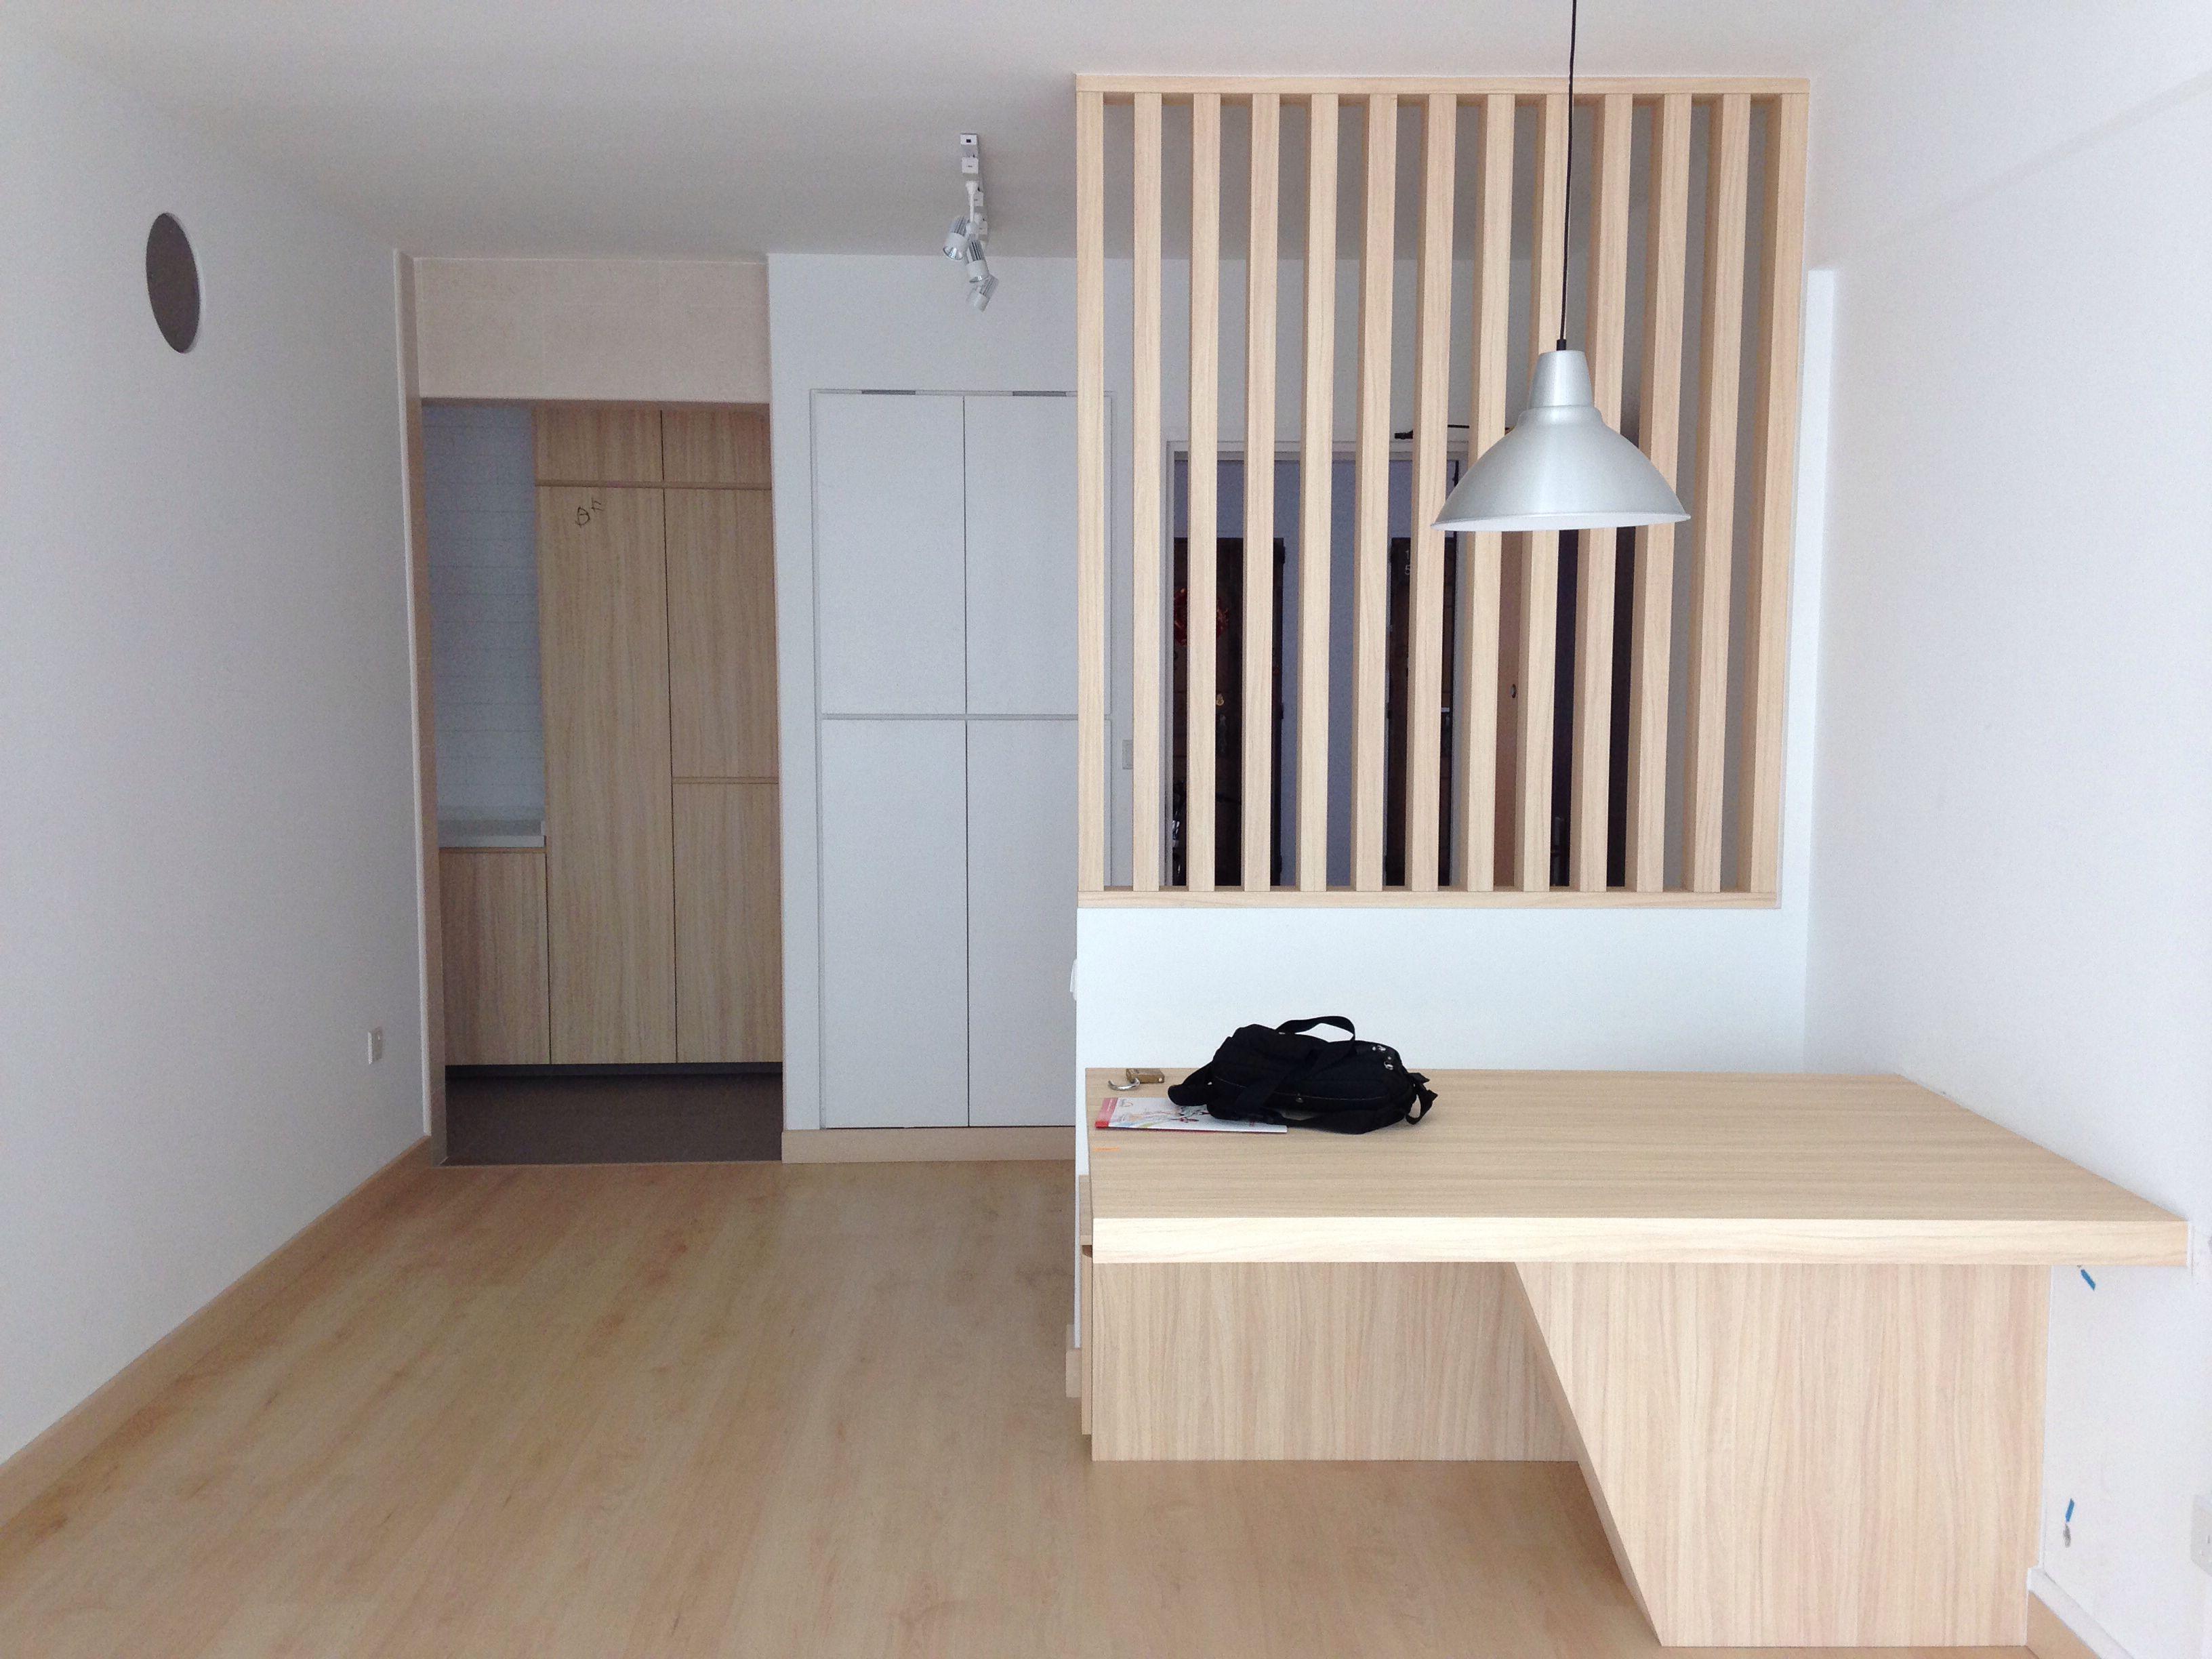 Woonkamer Van Muji : First attempt to a muji home space muji home